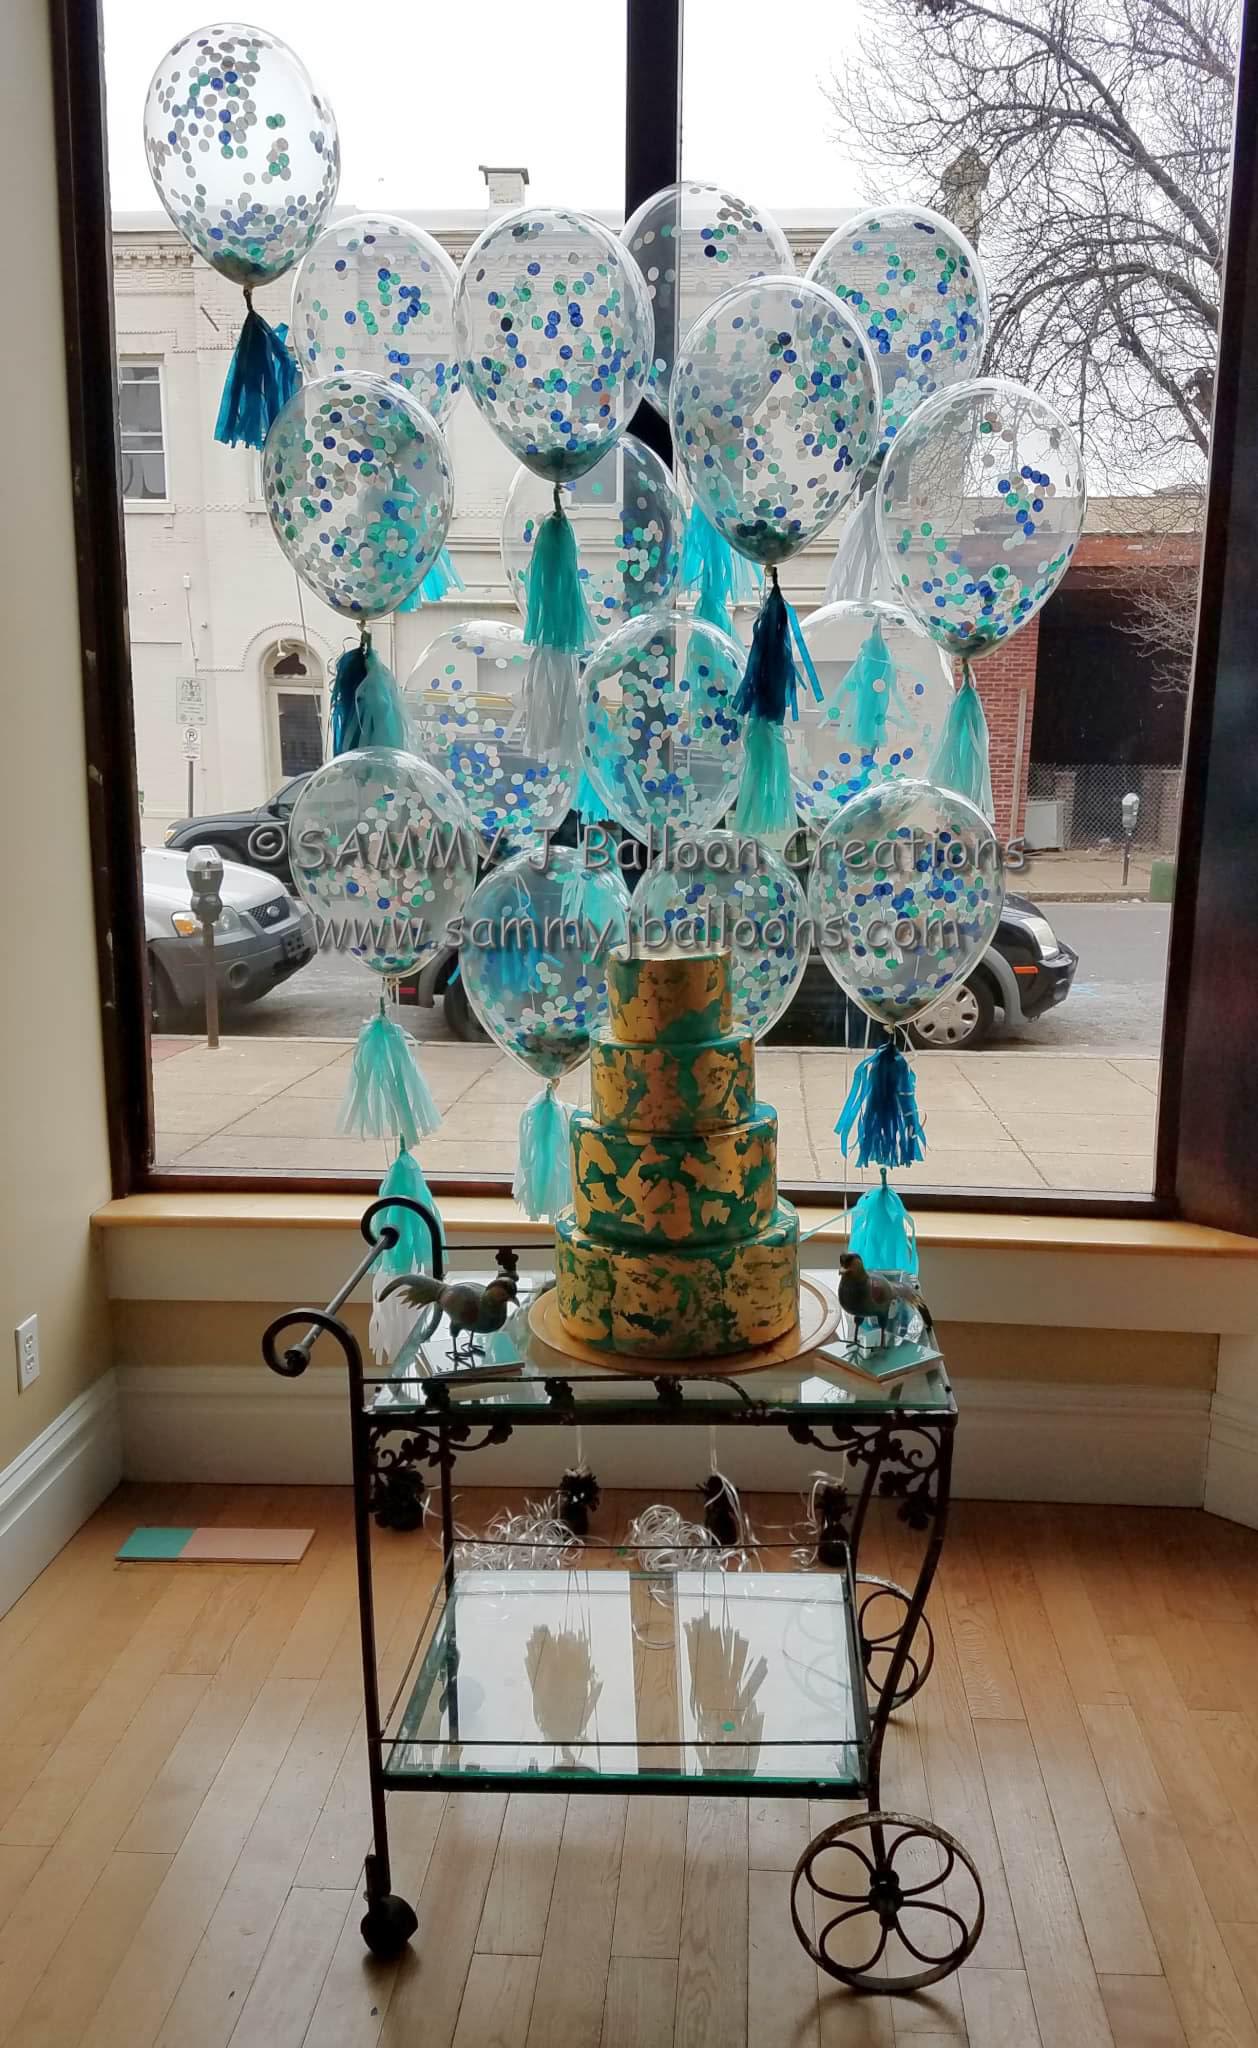 SAMMY J Balloon Creations st louis balloons confetti balloons